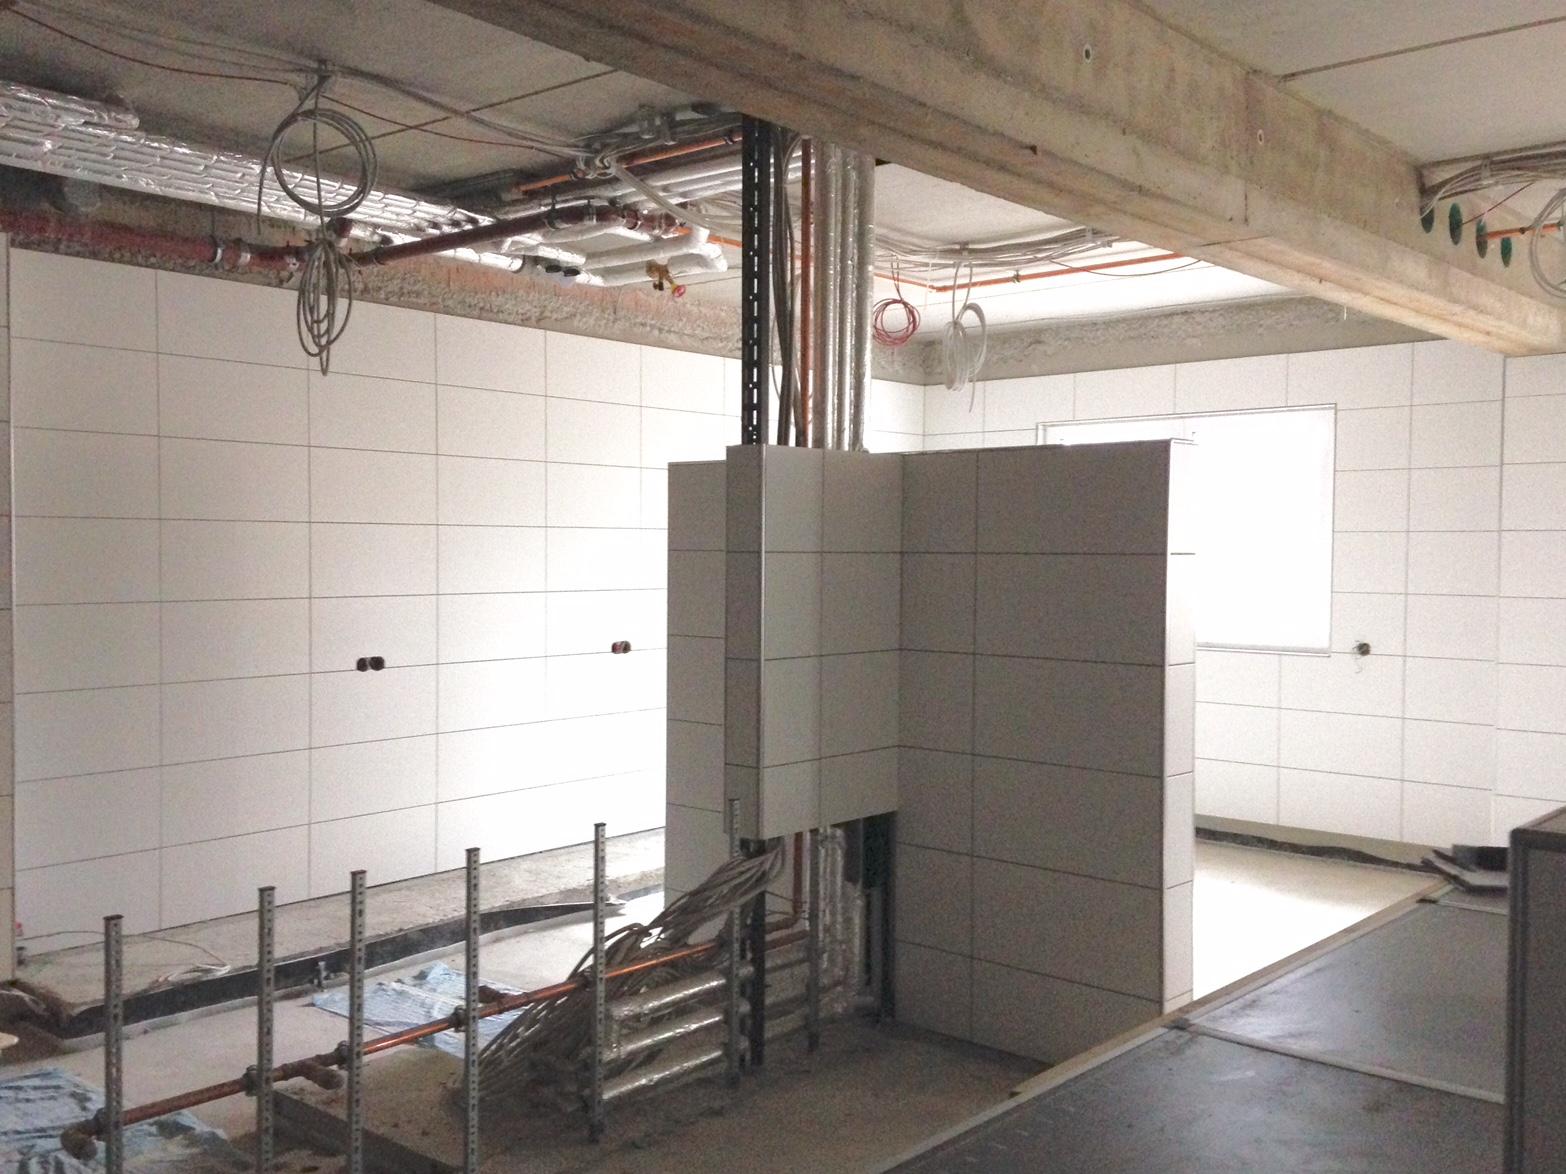 Full Size of Küchenabluft Kchenabluft Klimaanlagen Gastrotechnik Lftung Klte Wohnzimmer Küchenabluft